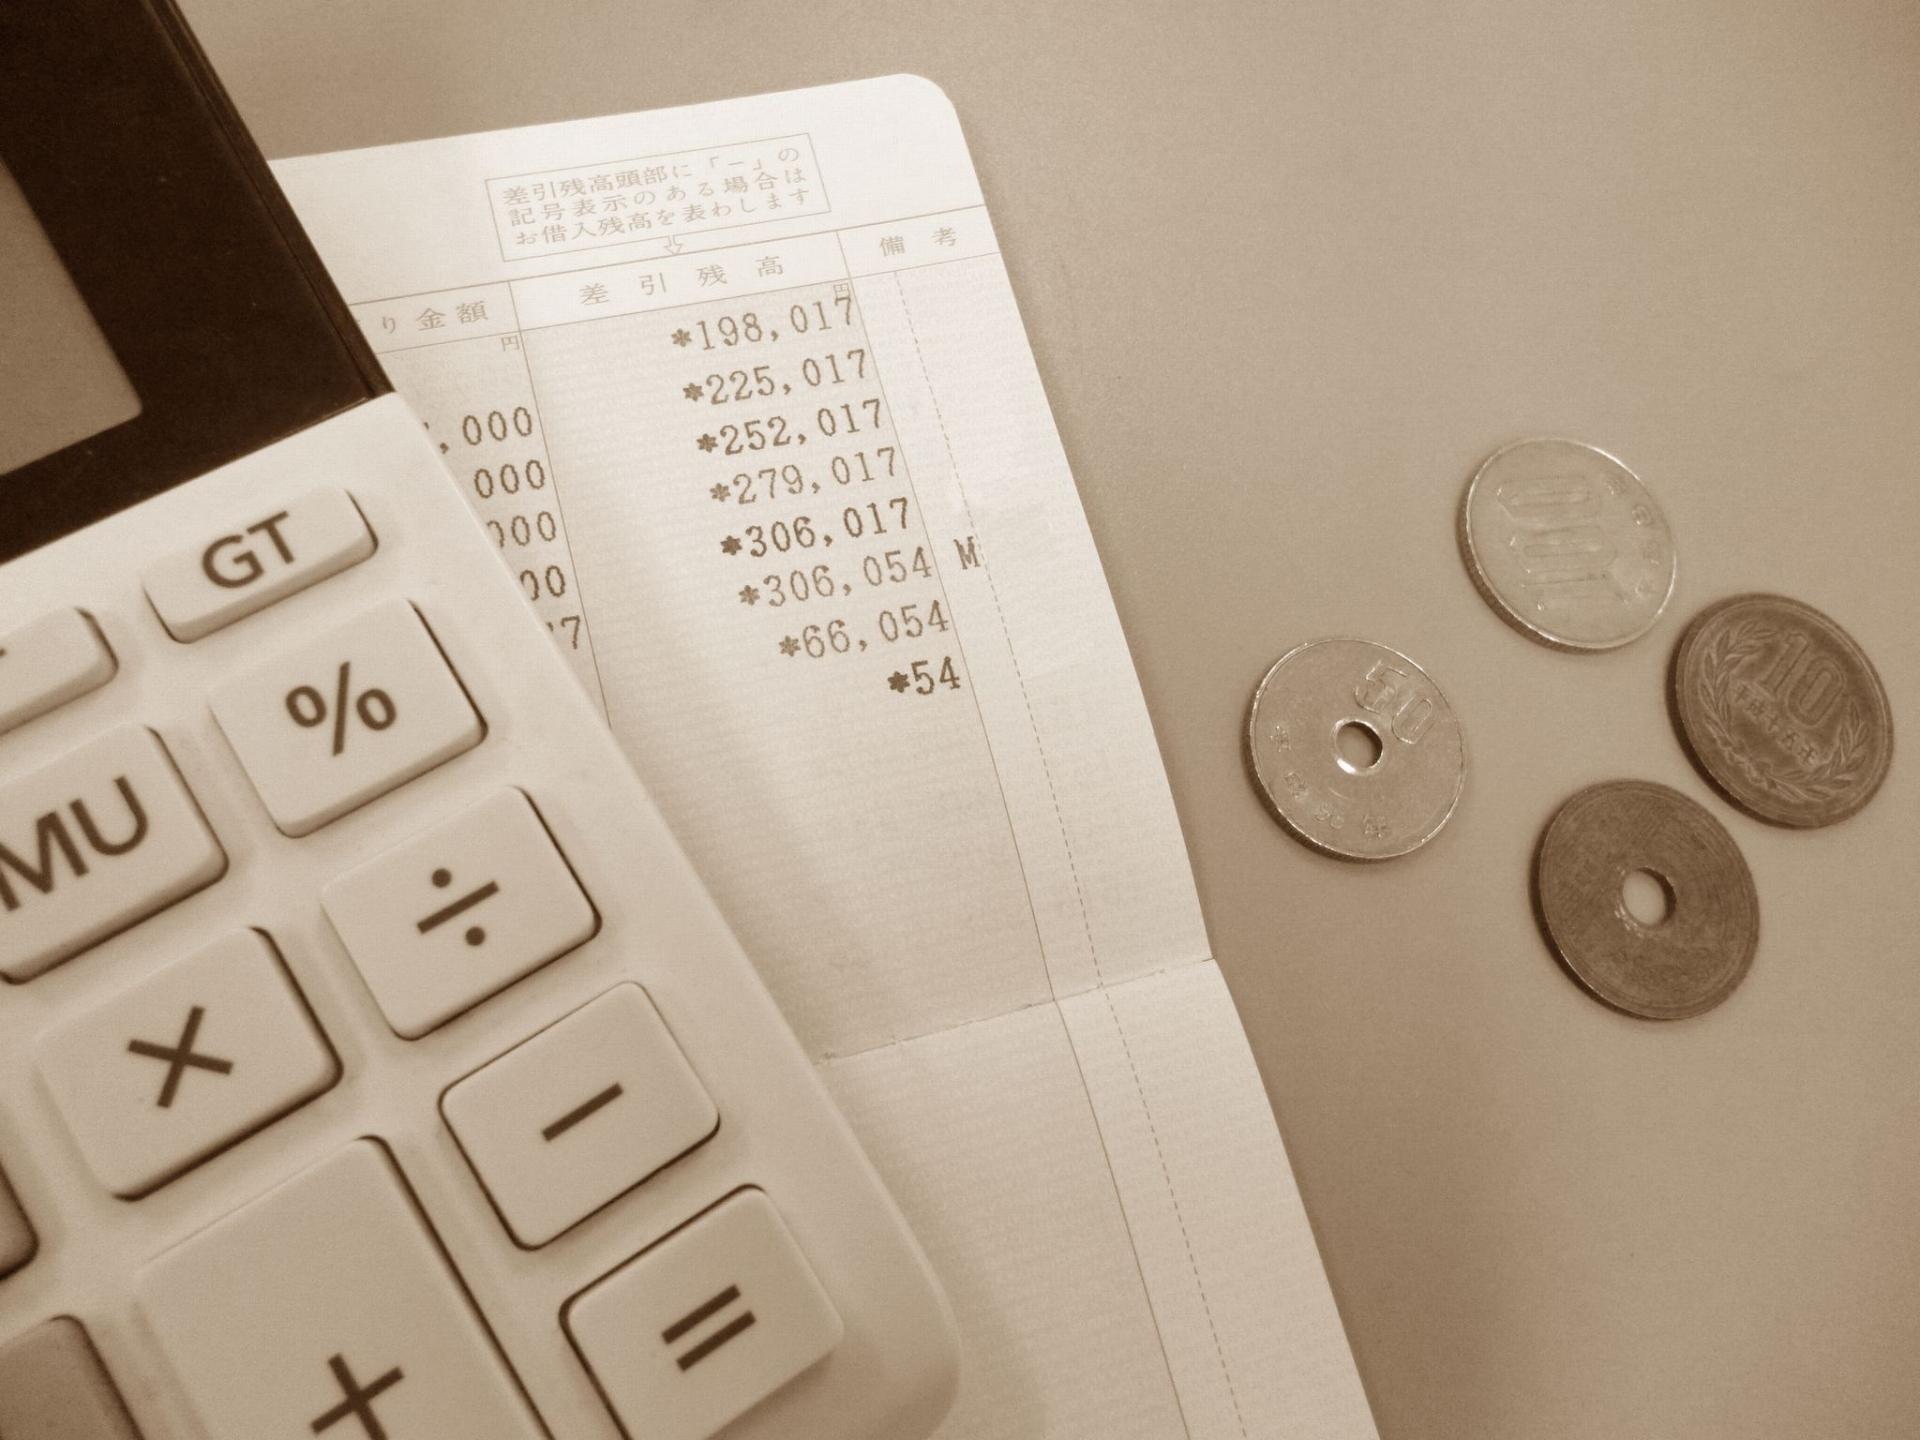 ドコモケータイ払い(キャリア決済)とdカードプリペイドの料金を直接銀行から引き落としてもらうことは可能?